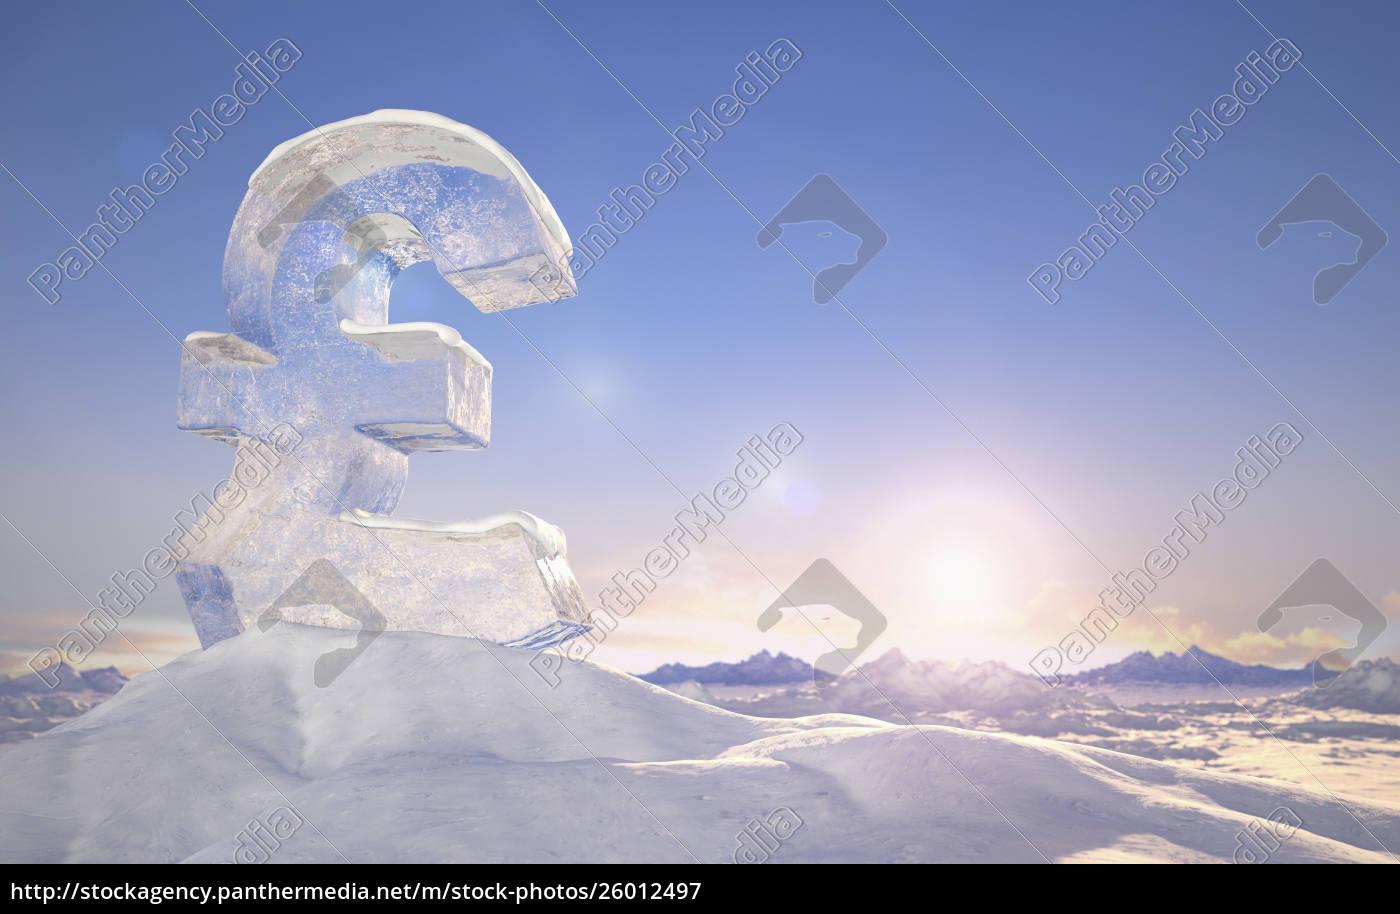 frozen, british, pound, sign, on, top - 26012497